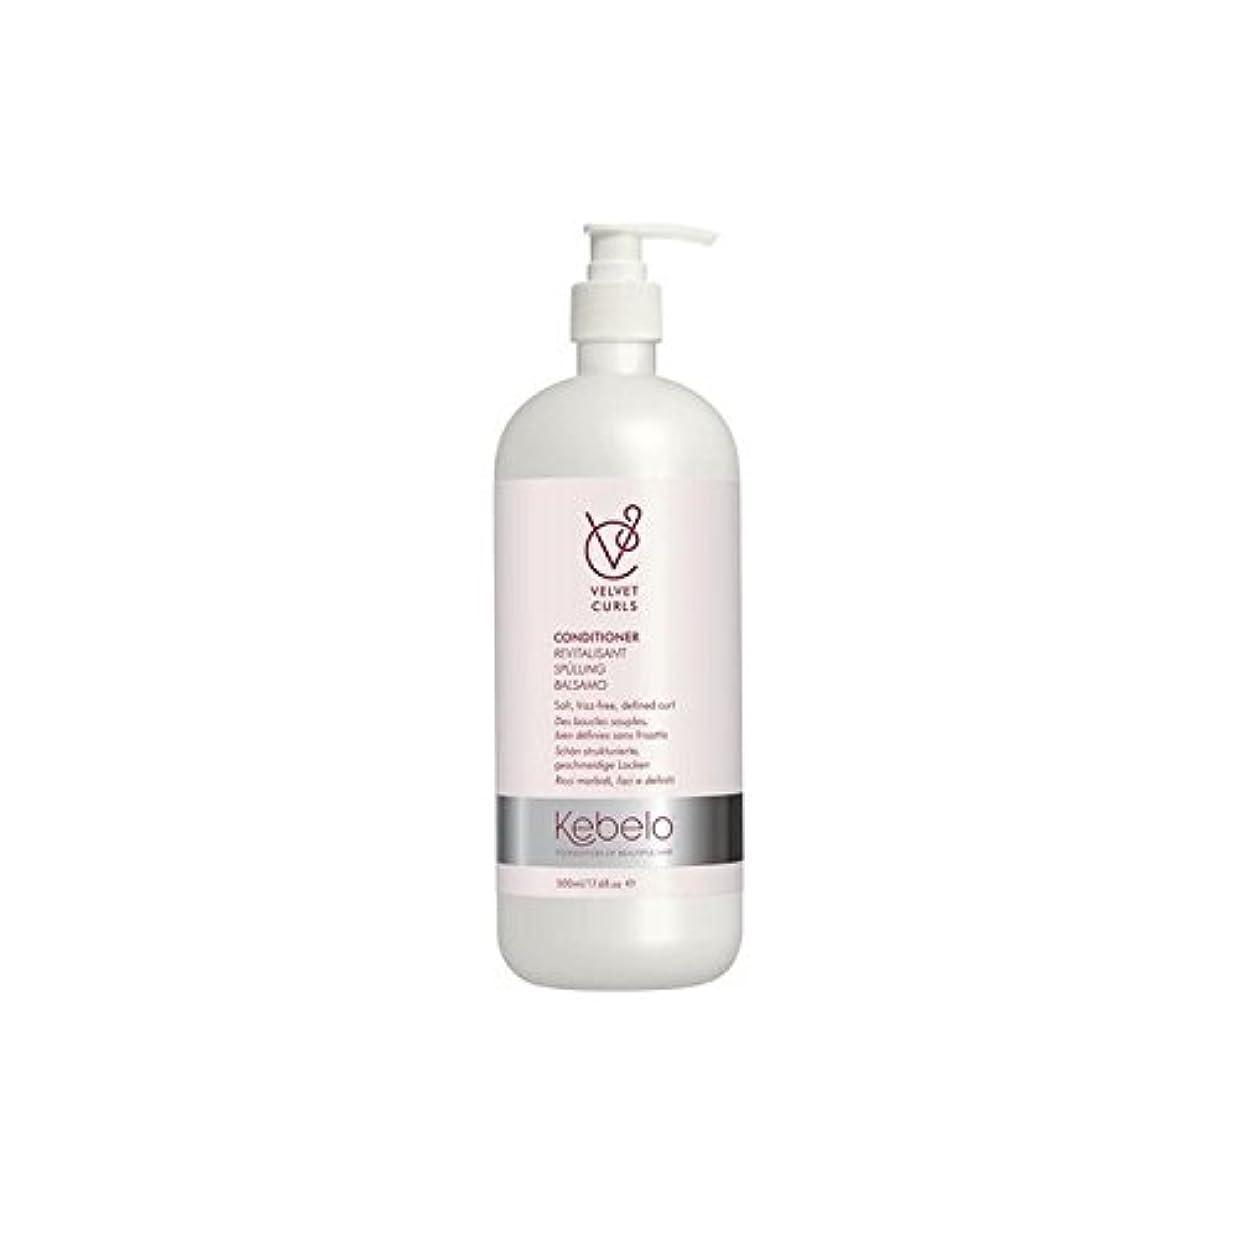 スリーブ文明化する評判Kebelo Velvet Curls Conditioner (500ml) - ベルベットのカールコンディショナー(500ミリリットル) [並行輸入品]